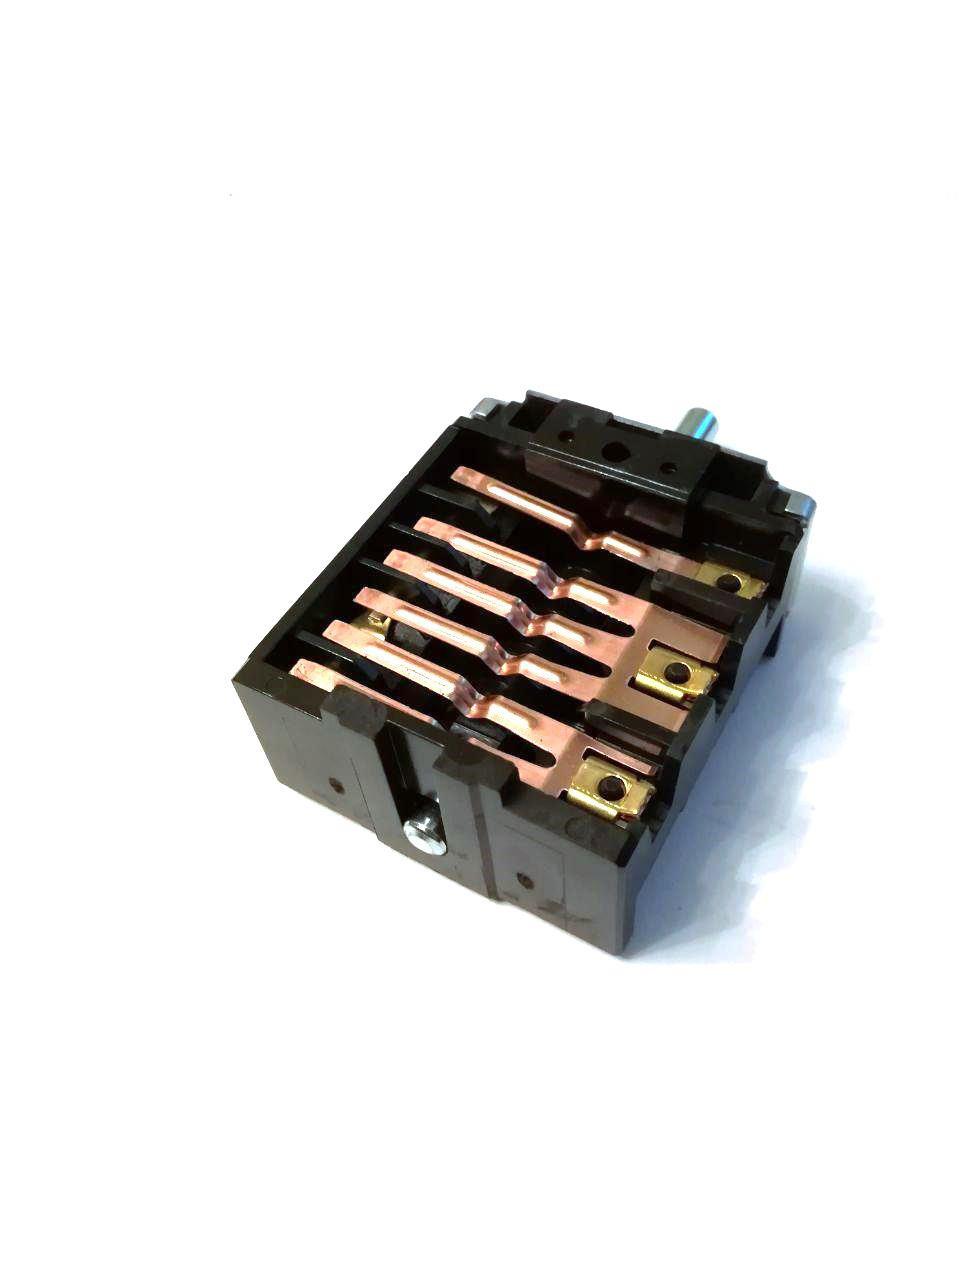 Переключатель 5-ти позиционный ПМ 46.25866.500 для электроплит и духовок / EGO / Германия